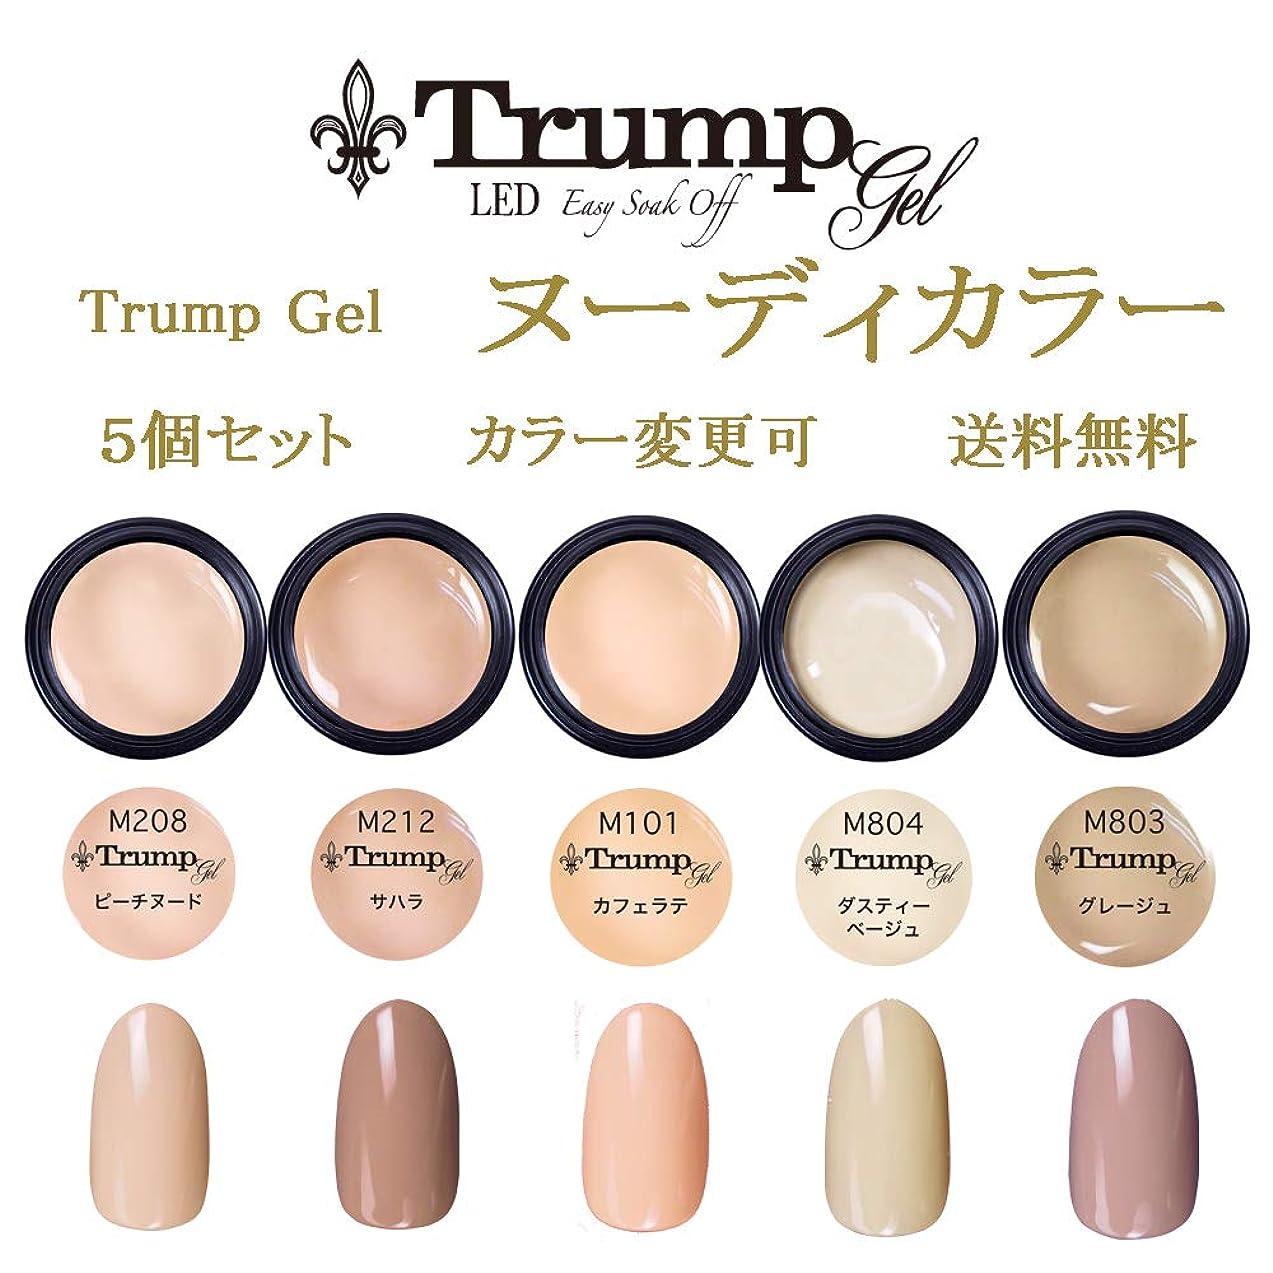 圧縮された流星地雷原日本製 Trump gel トランプジェル ヌーディカラー 選べる カラージェル 5個セット ベージュ ブラウン ピンク